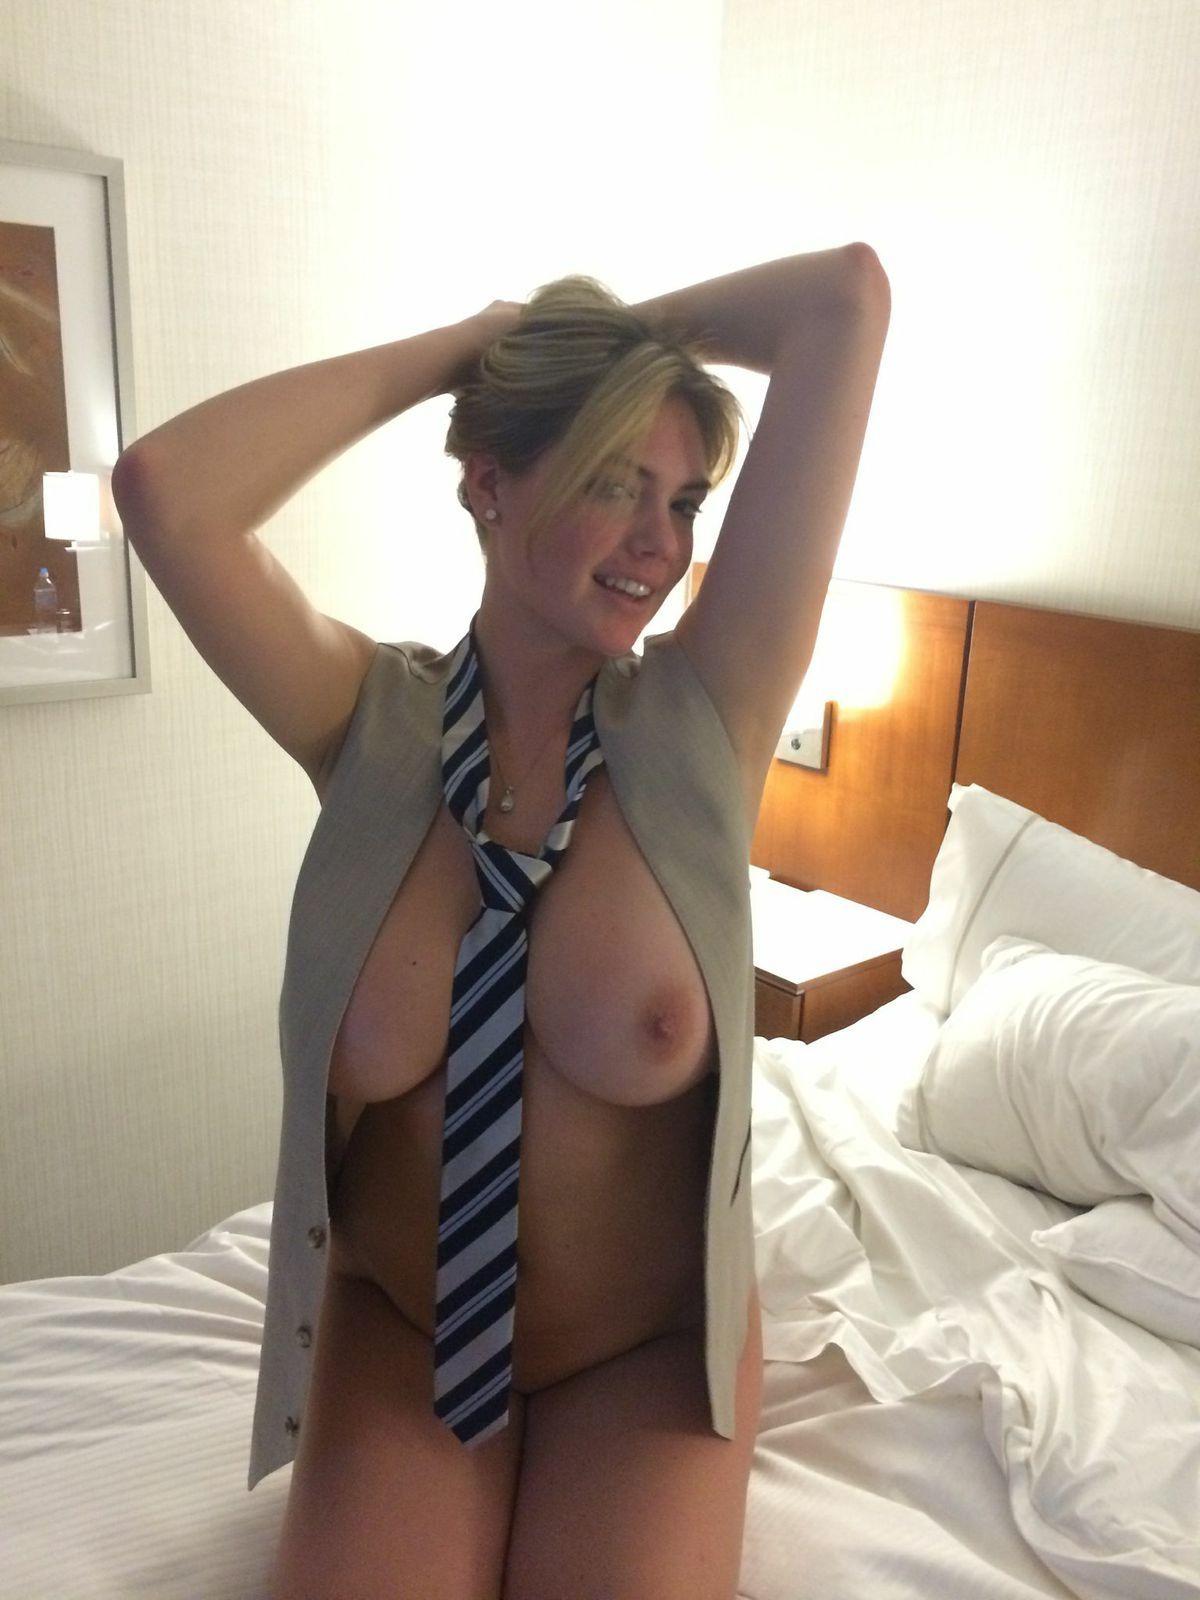 Kate upton sex tape leaked